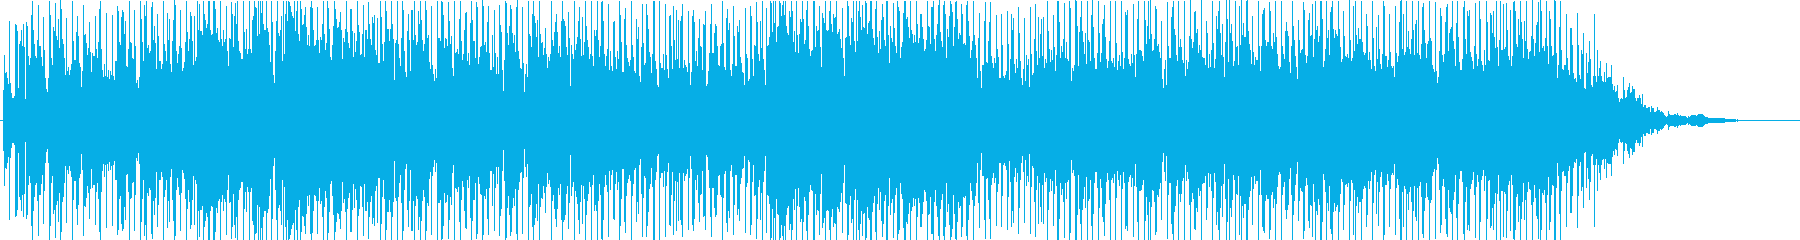 ゴーストダンスの再生済みの波形